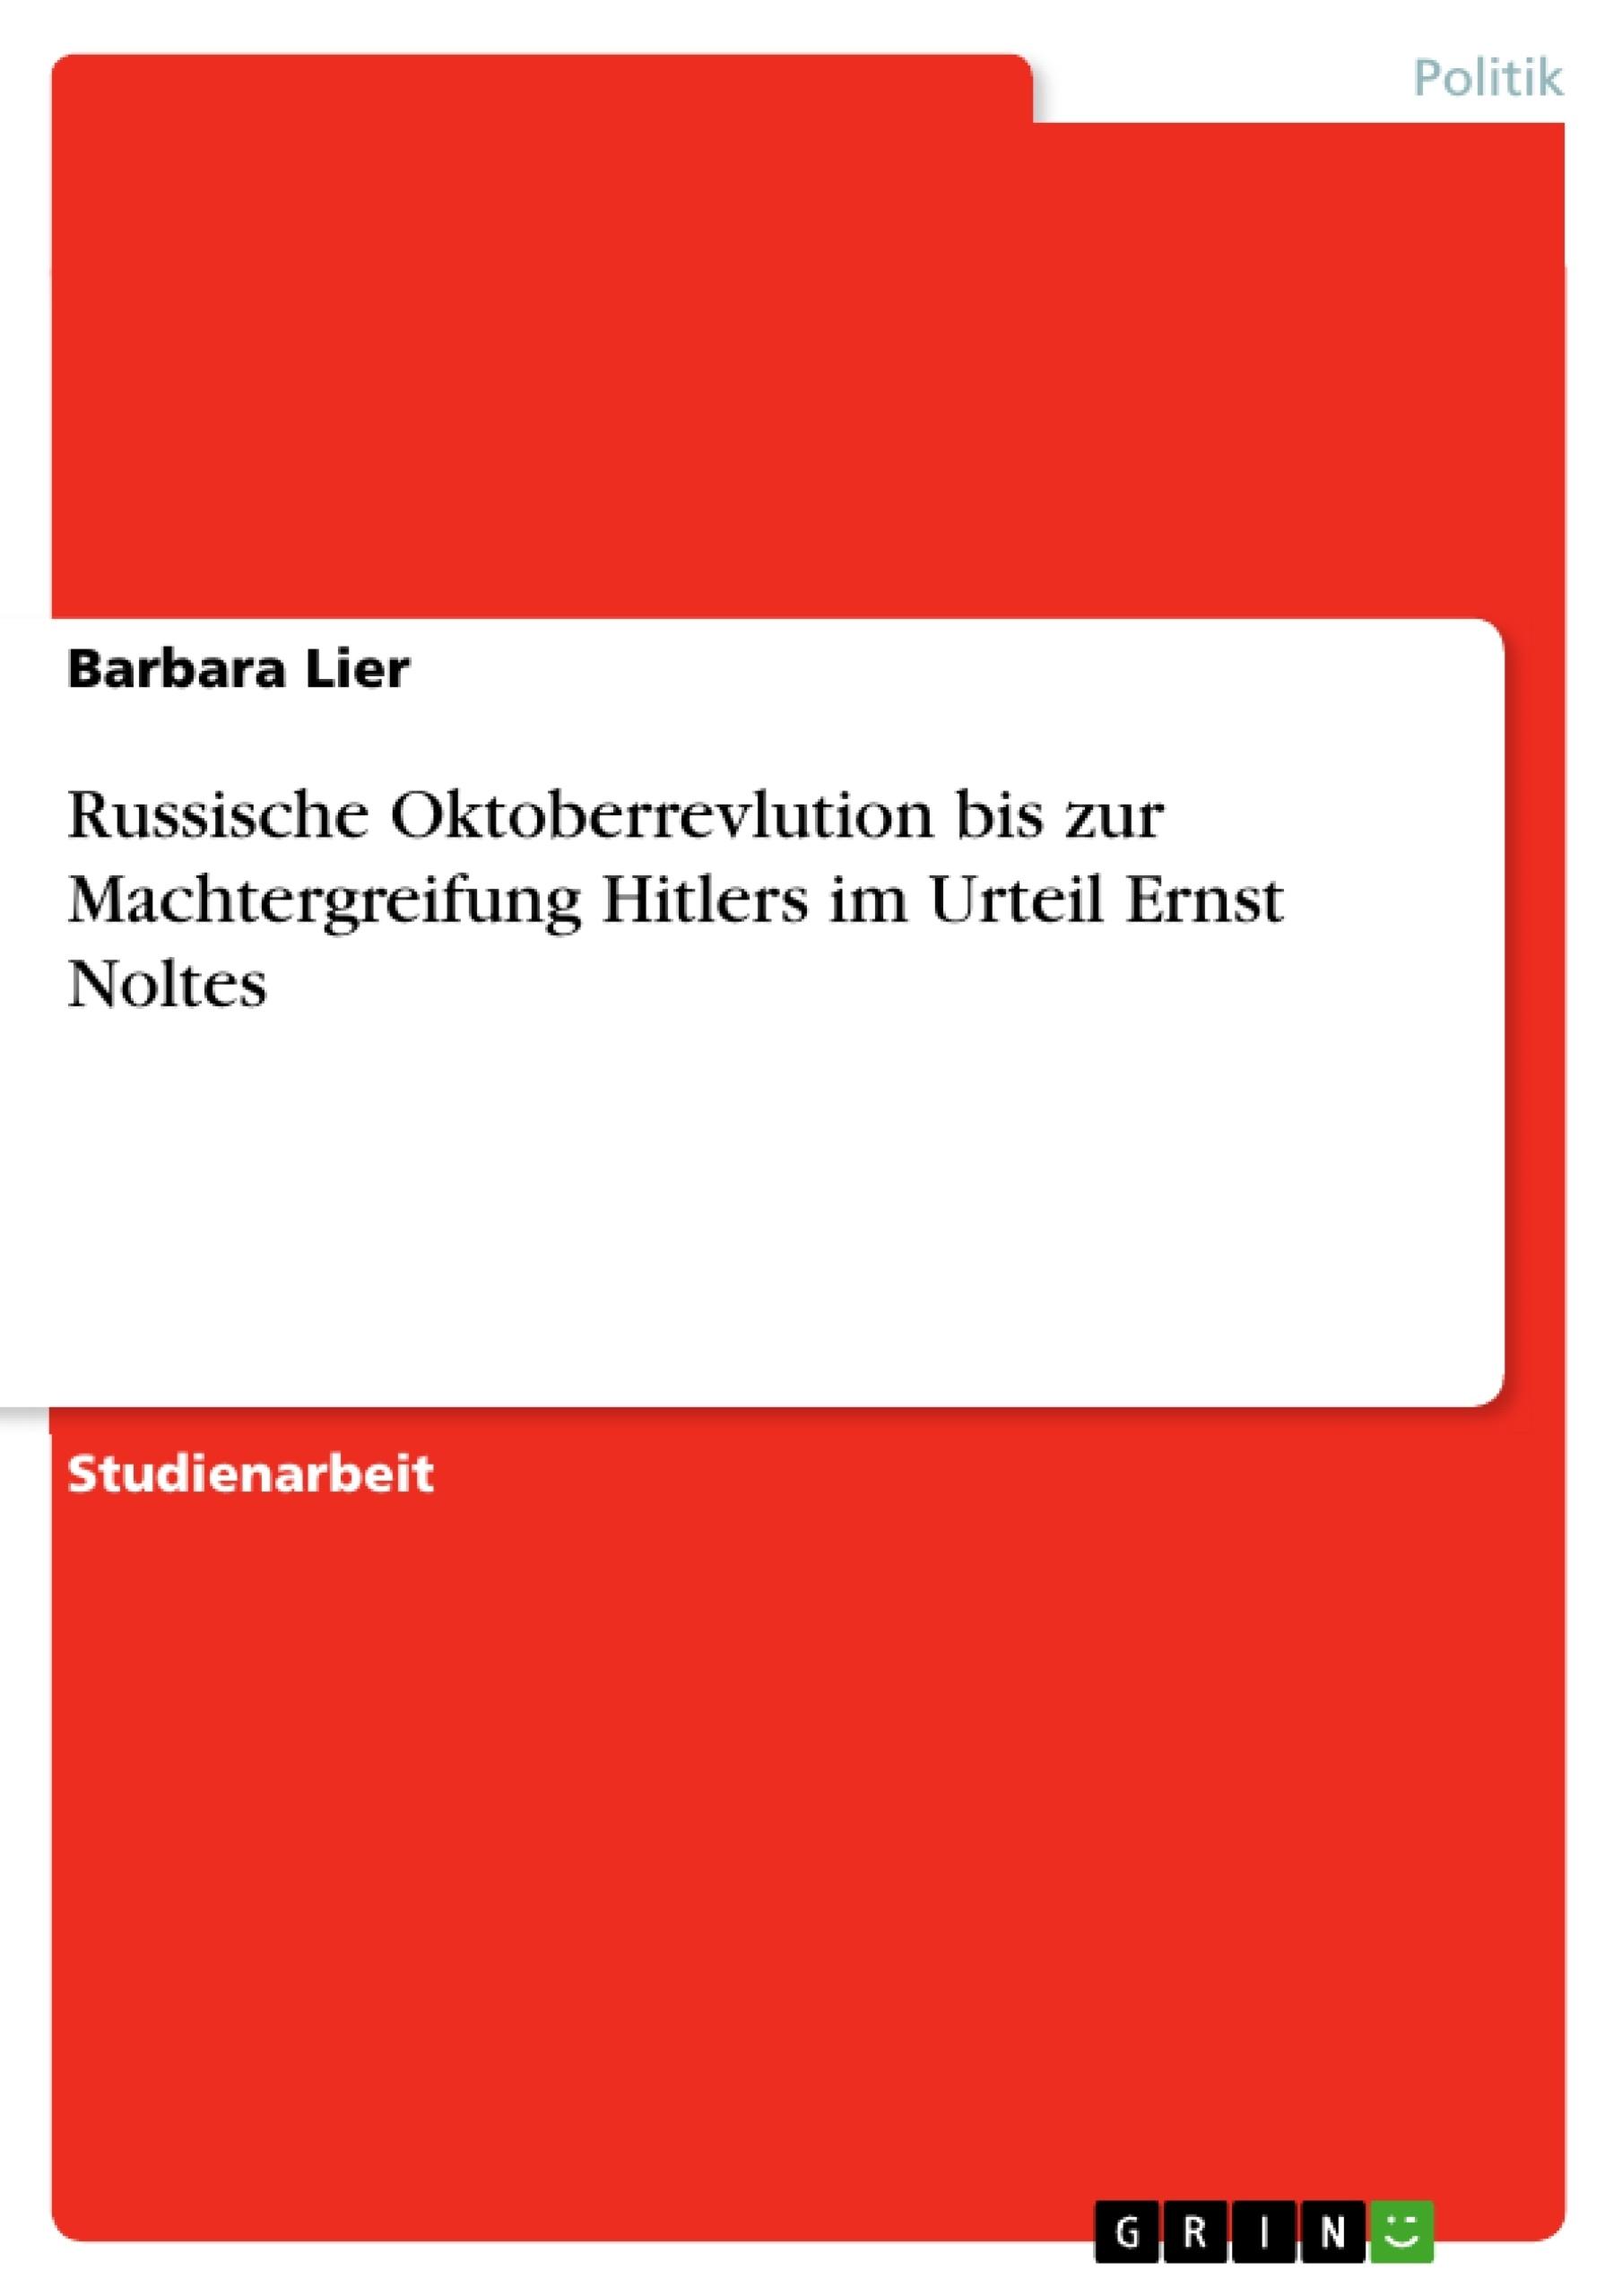 Titel: Russische Oktoberrevlution bis zur Machtergreifung Hitlers im Urteil Ernst Noltes